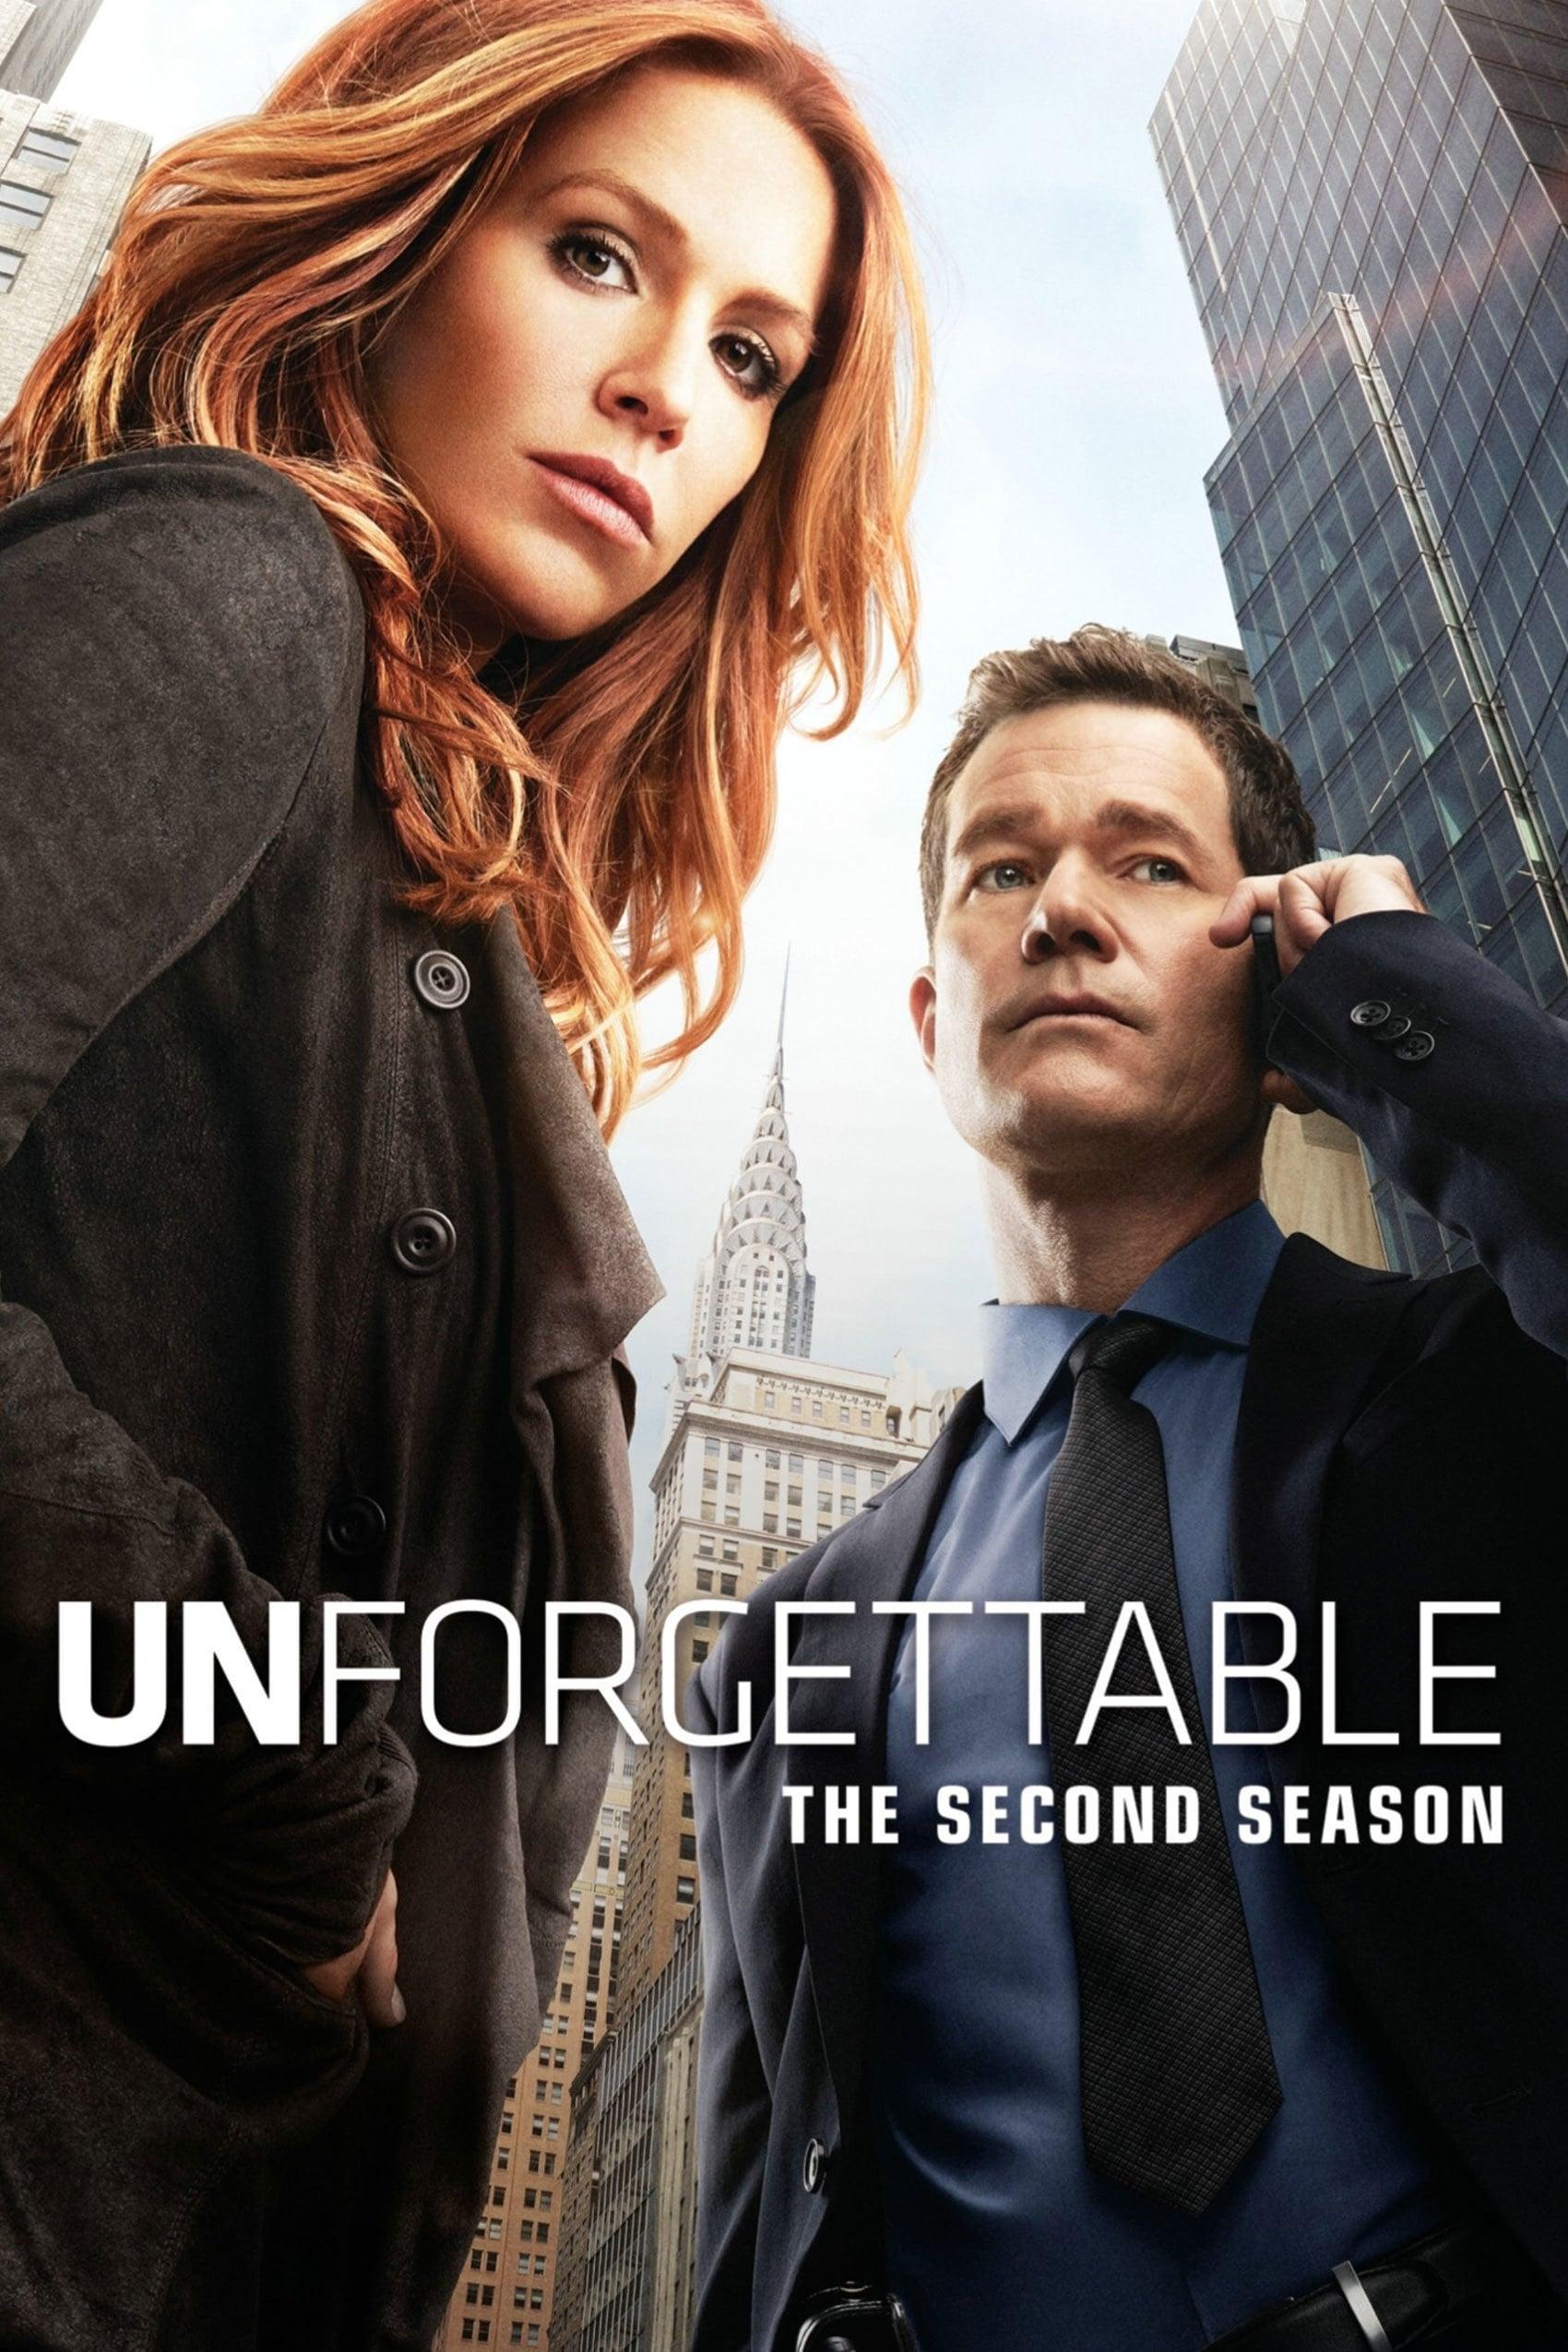 Unforgettable สวยสืบความทรงจำมรณะ Season 2 ซับไทย ตอนที่ 1-13